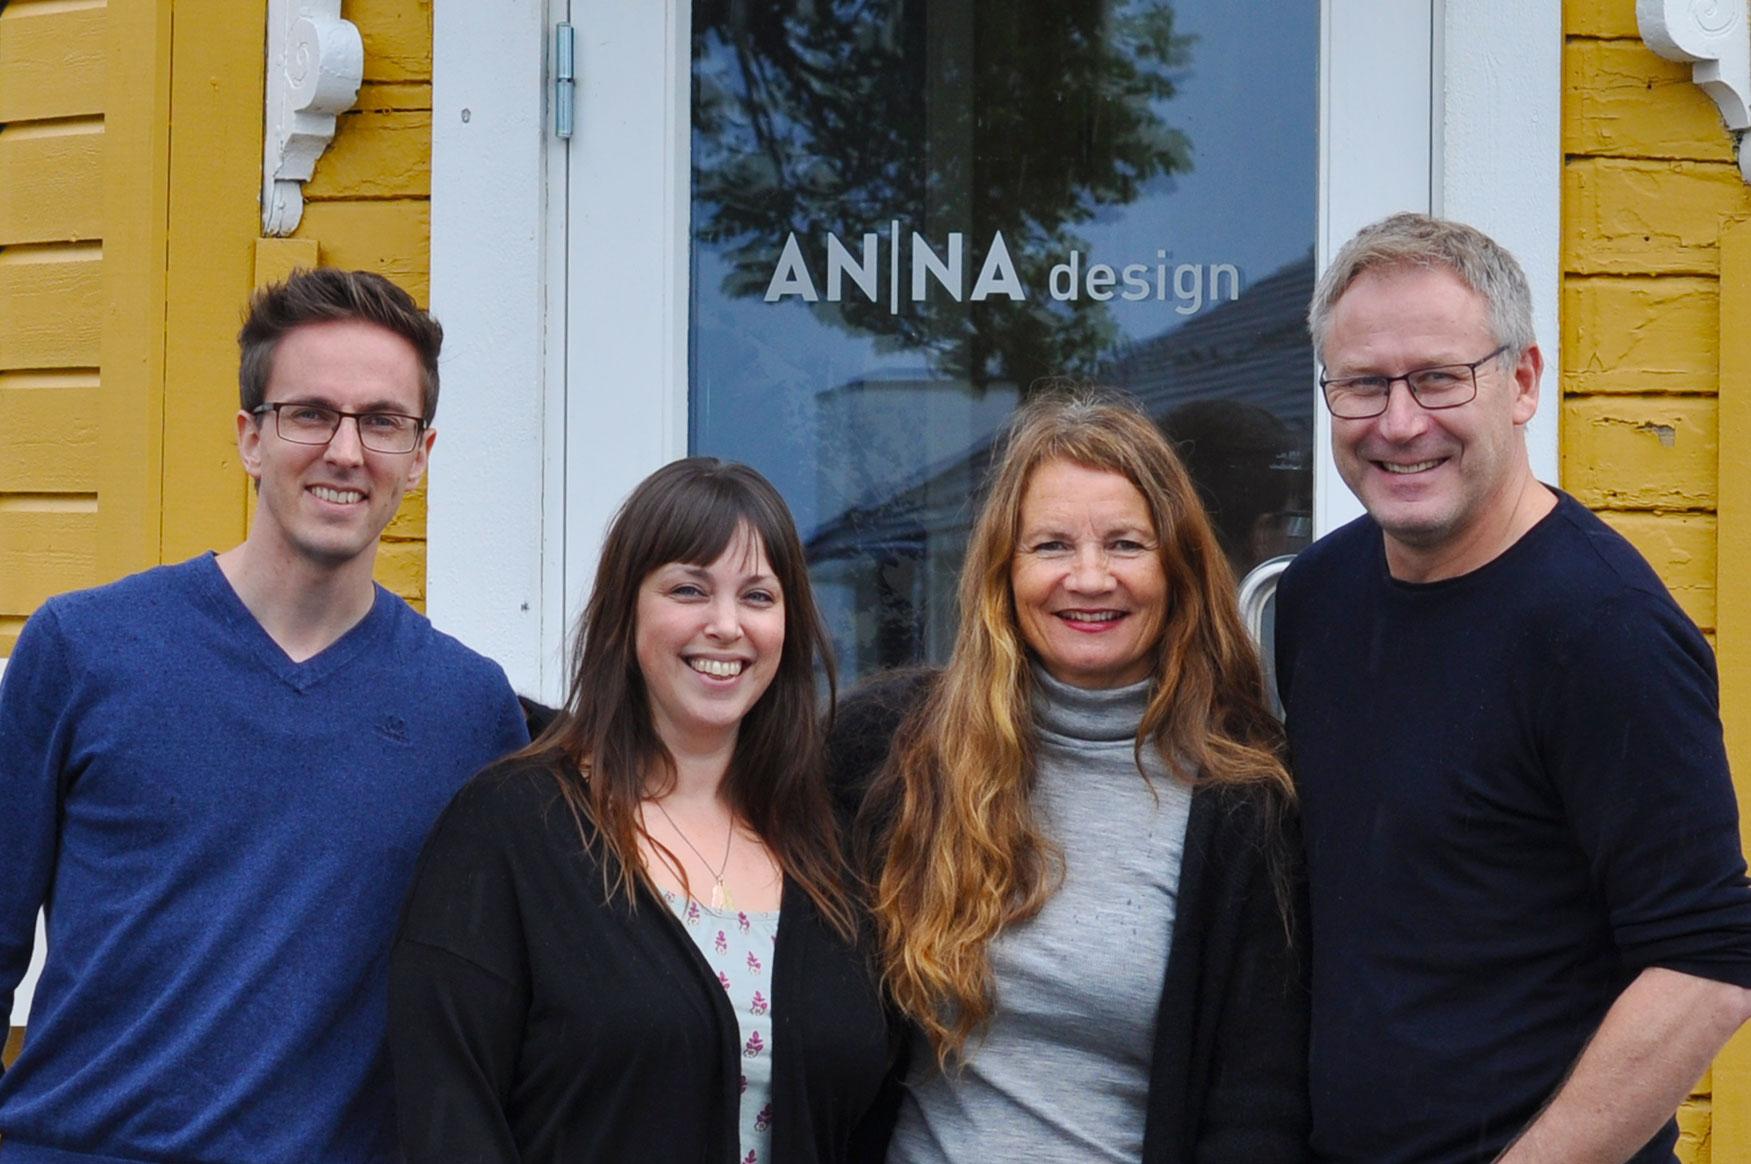 Fra venstre: Vegard Bjørkmo, Mari Storås, Anna Tokle Amundsen og Christian de Courcy.